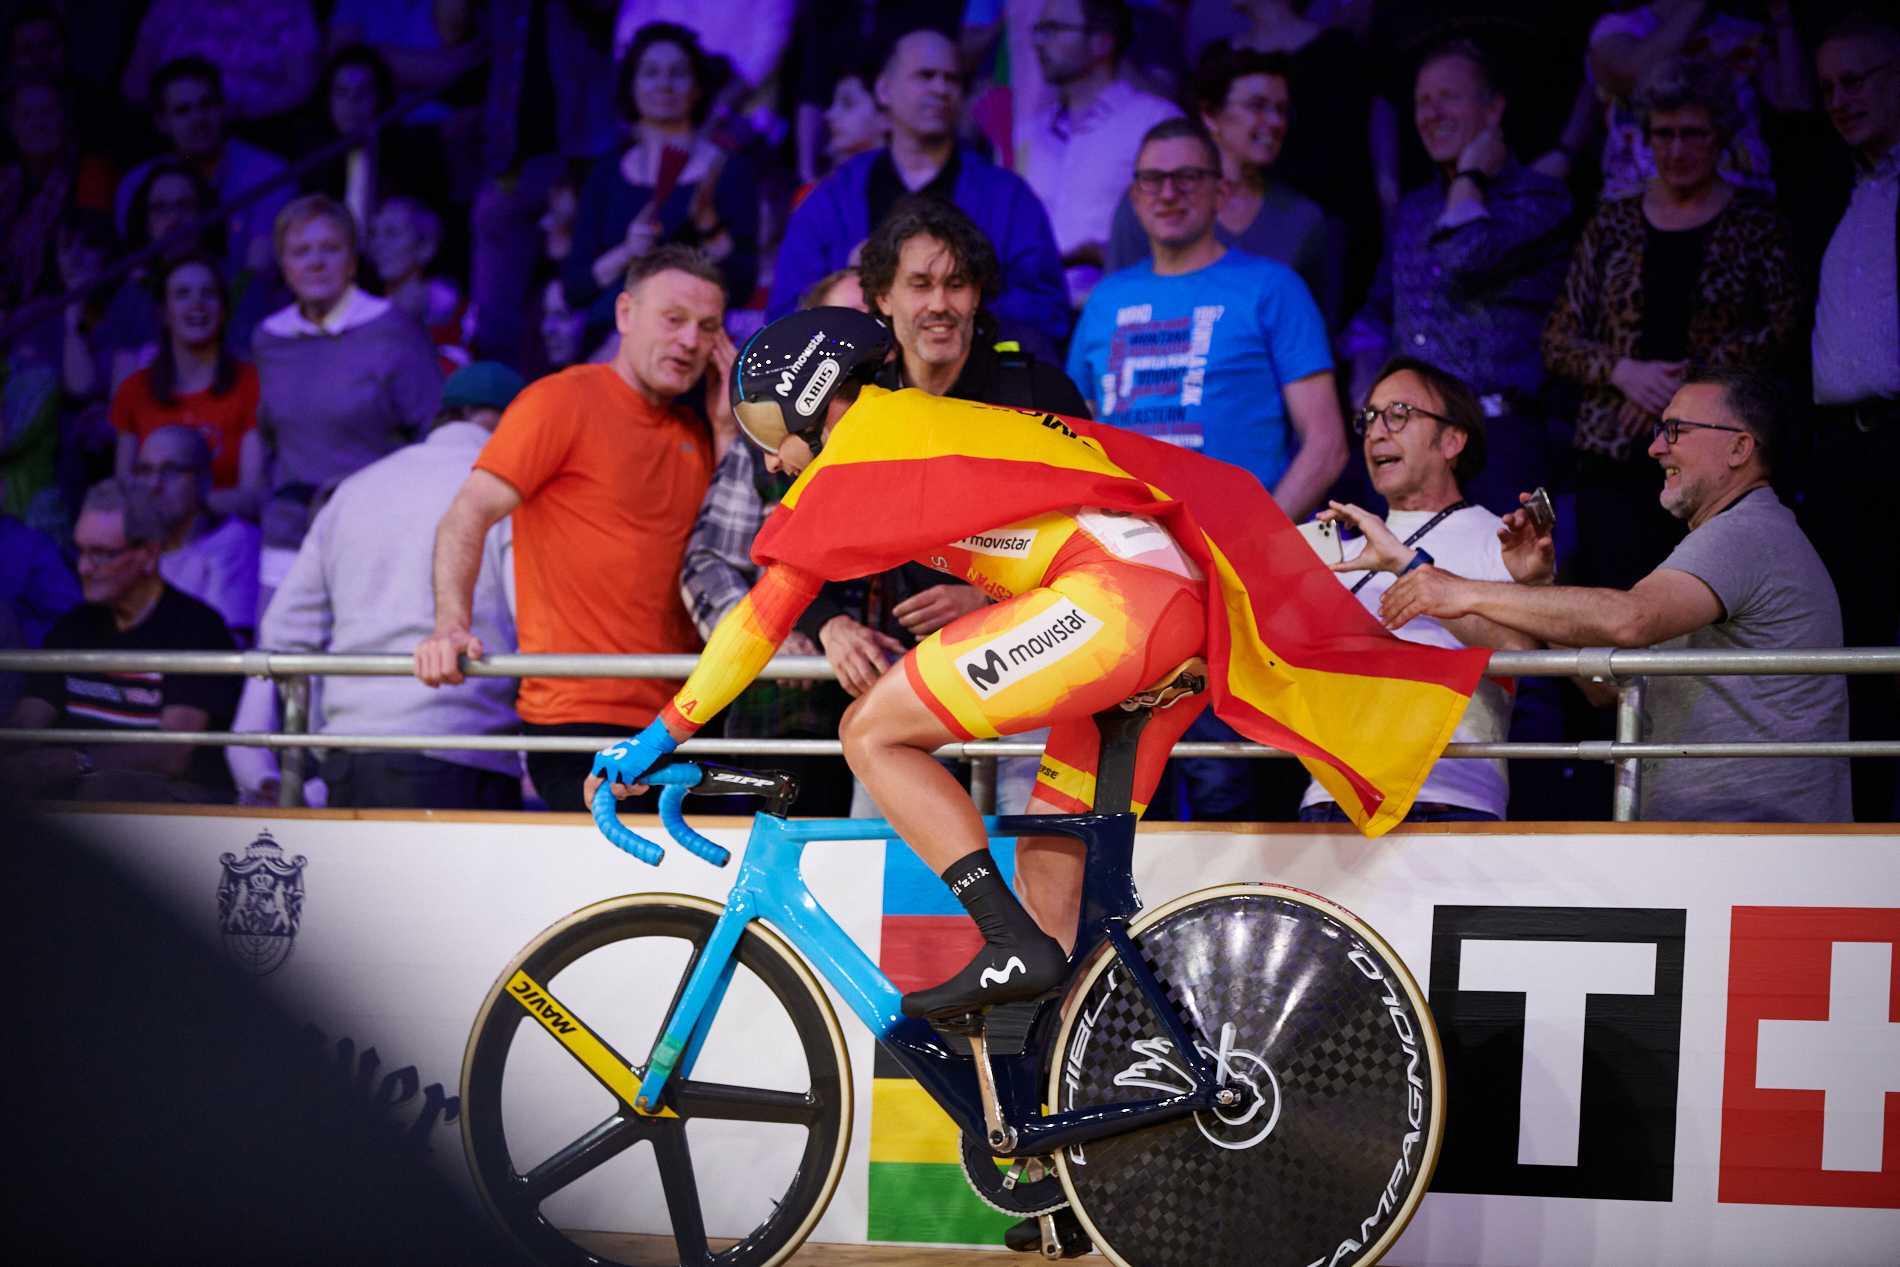 #TeamESPciclismo / Mundial de Pista 2020, Berlín (Fotos: F. J. Bandín -@Frabanvisuals-)